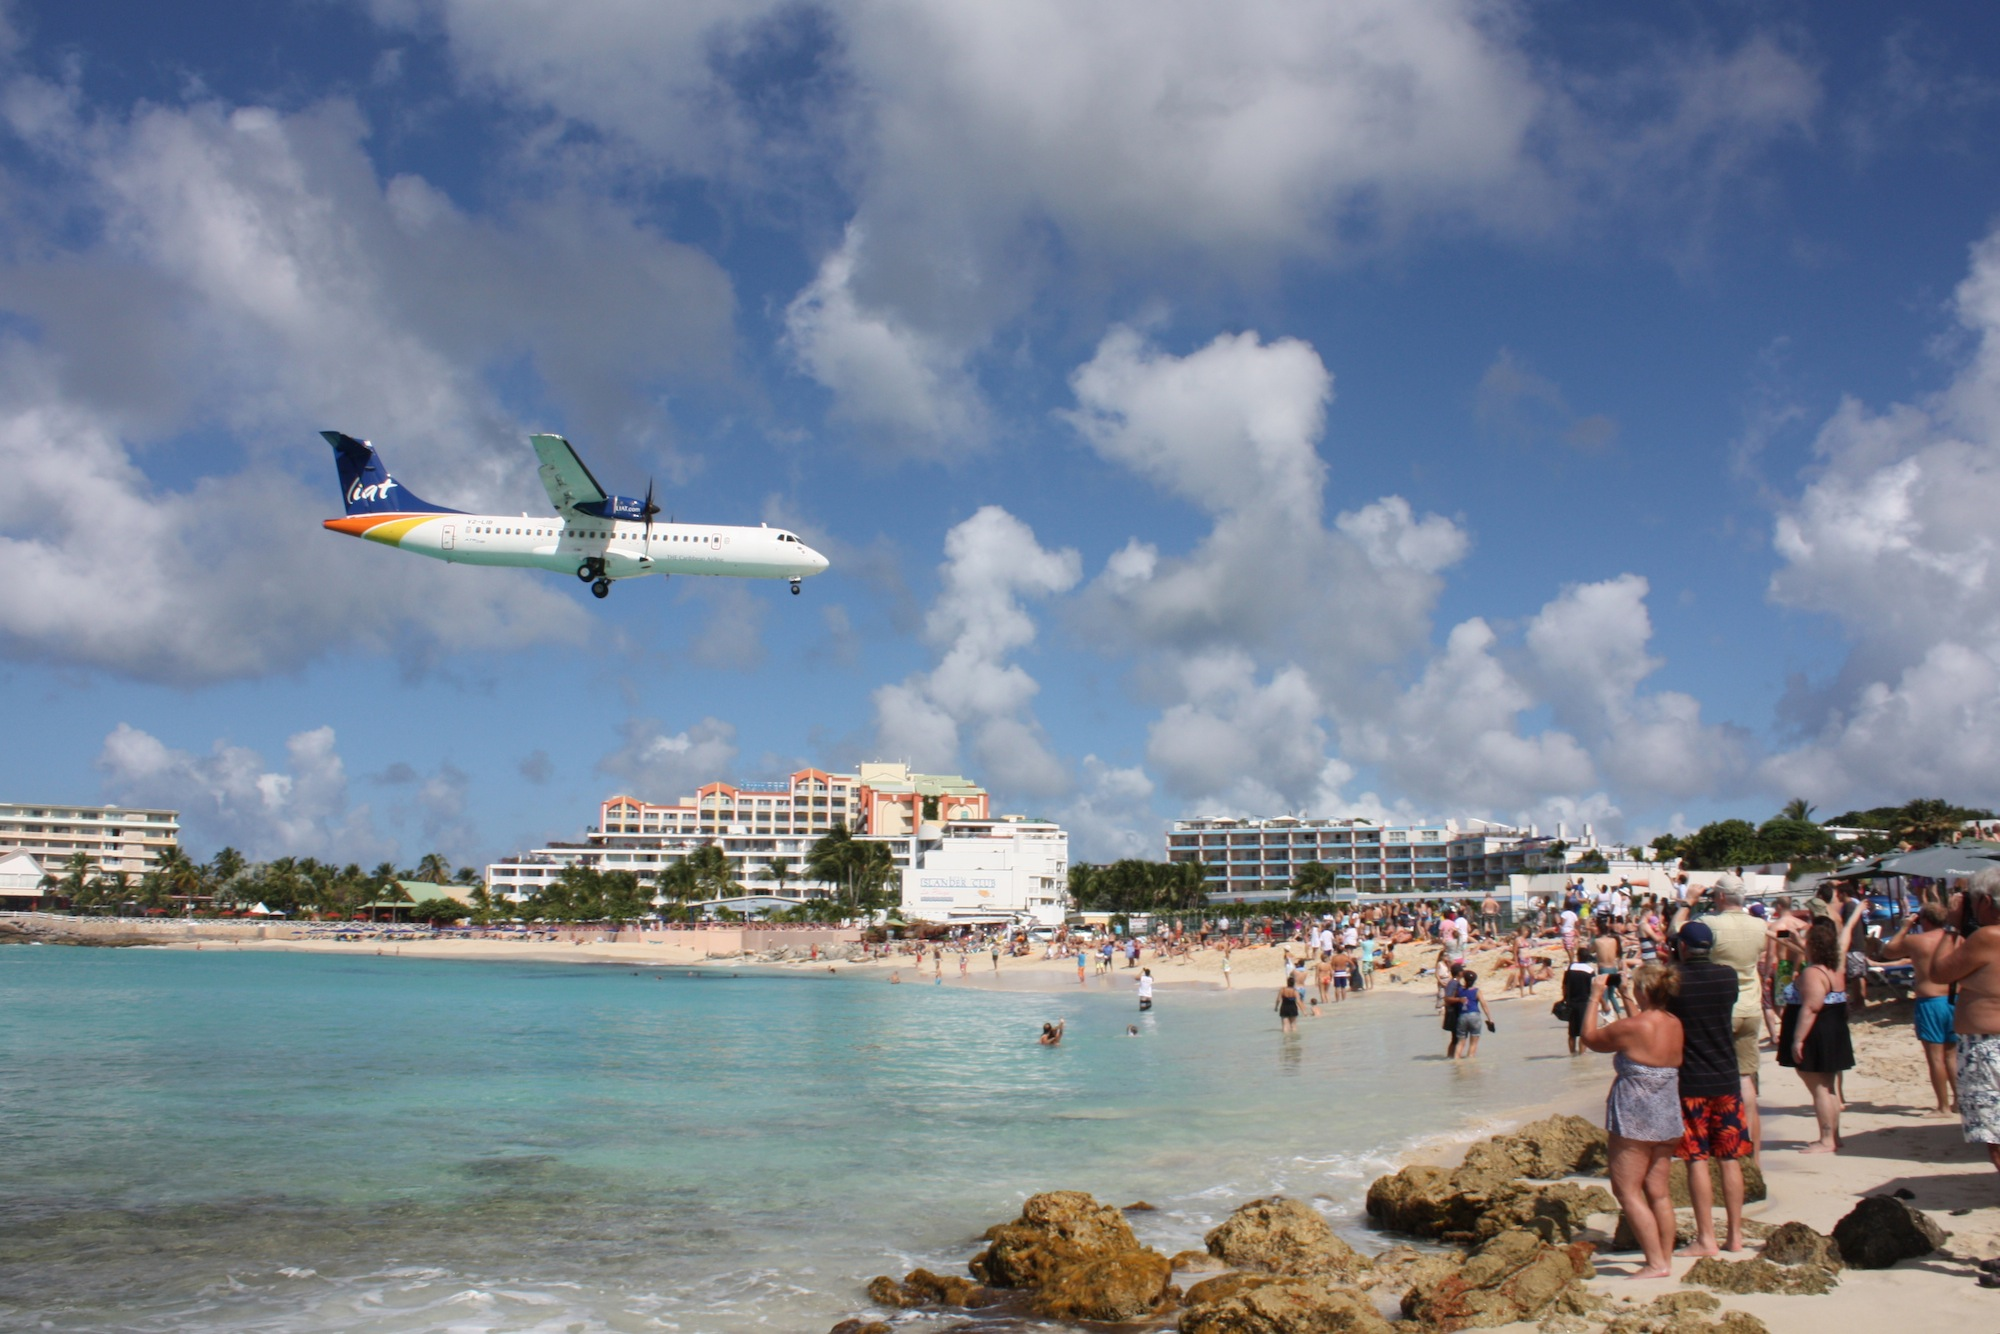 Чем летать, чтобы долететь: 5 самых безопасных авиакомпаний